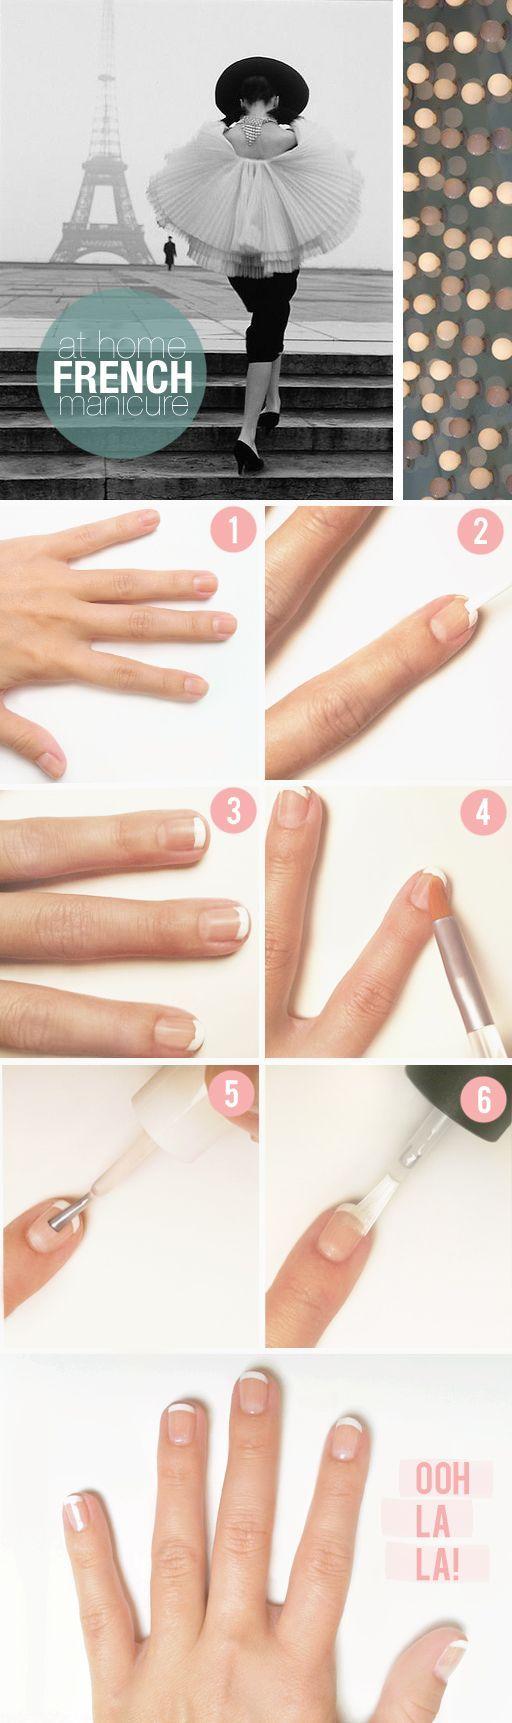 french manicure selber machen 5 besten selber machen french nails und sehen. Black Bedroom Furniture Sets. Home Design Ideas